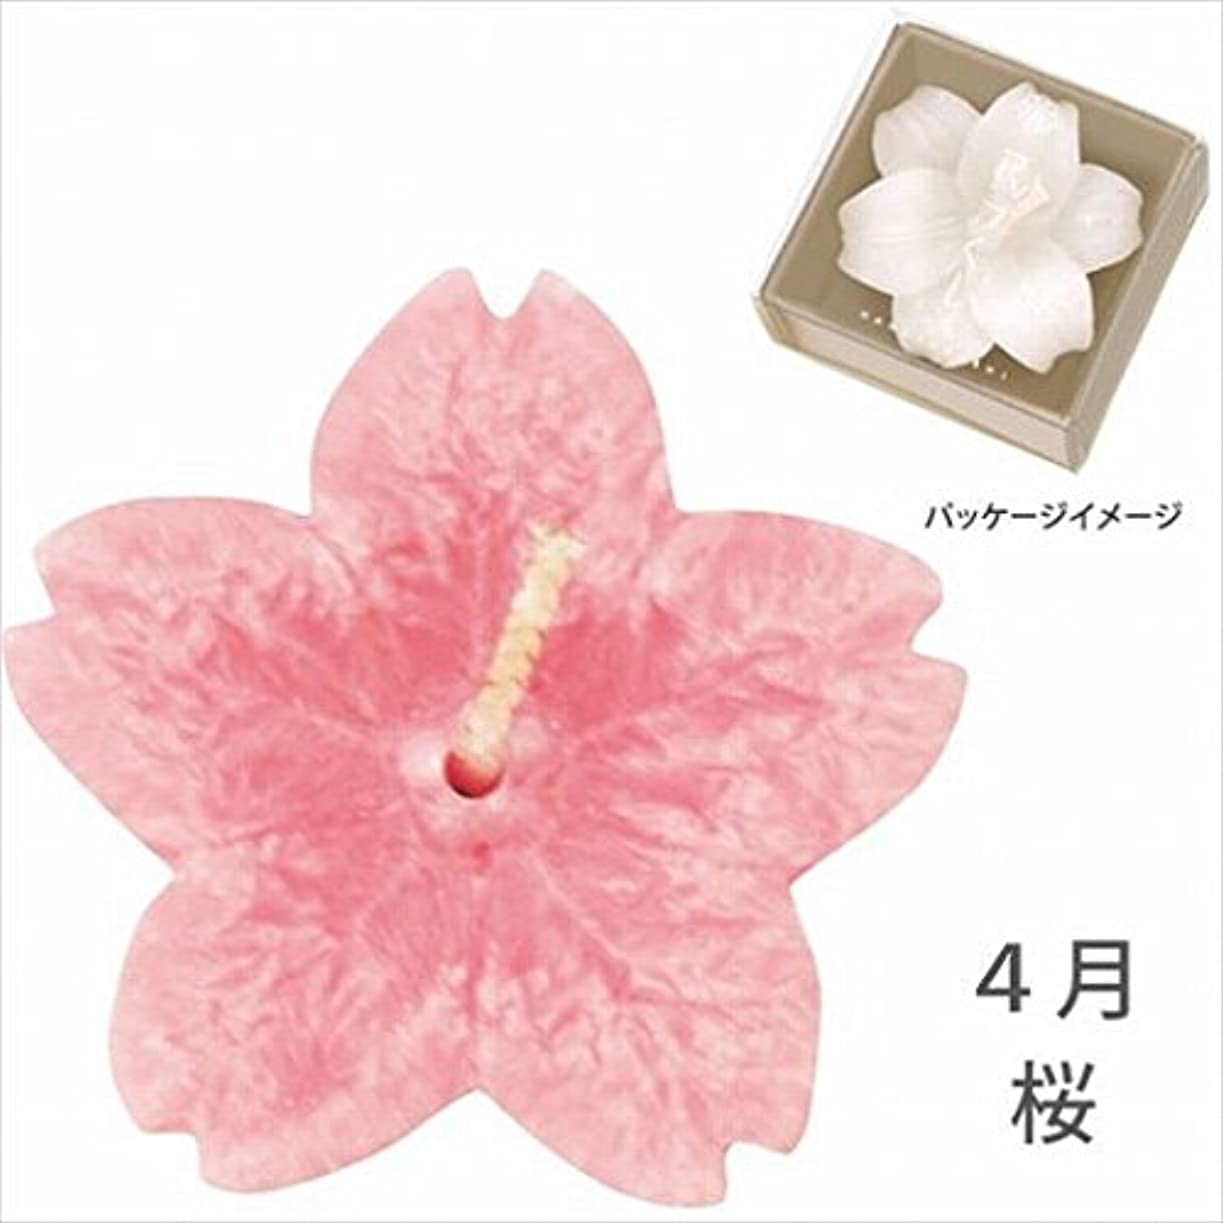 膨らませる買う陰謀カメヤマキャンドル(kameyama candle) 花づくし(植物性) 桜 「 桜(4月) 」 キャンドル